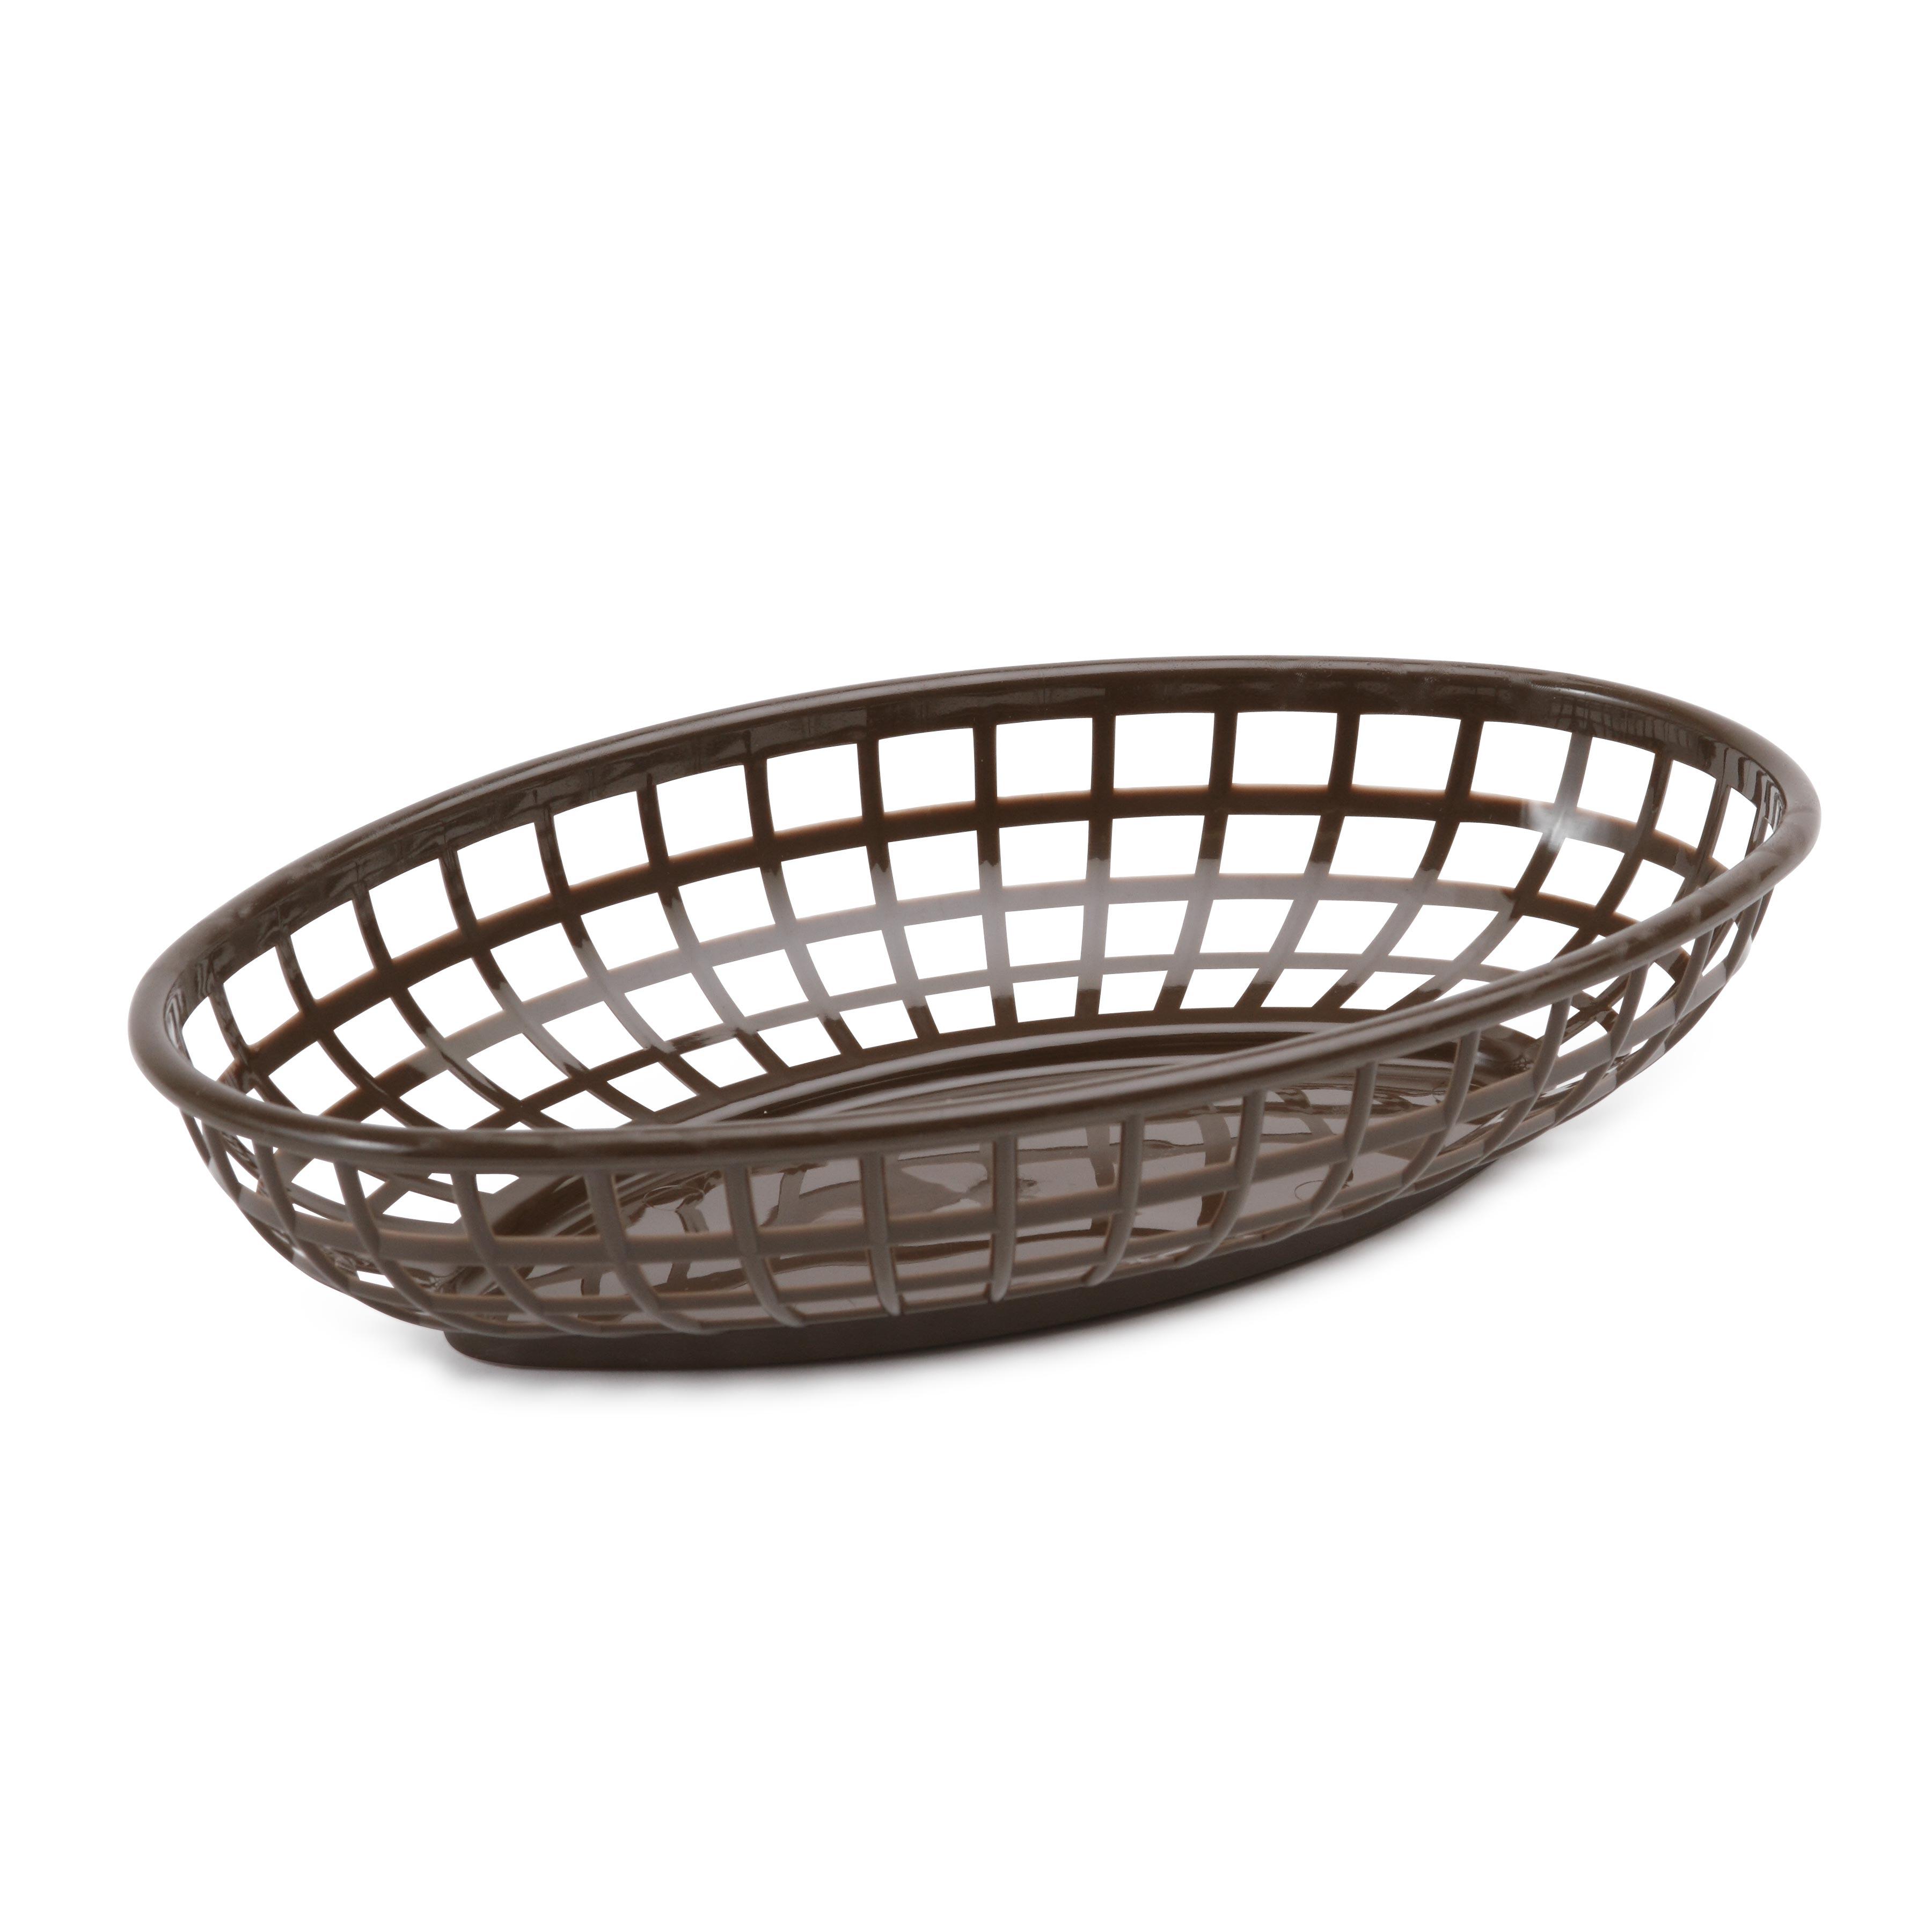 Royal Industries DIN OVB1006 basket, fast food